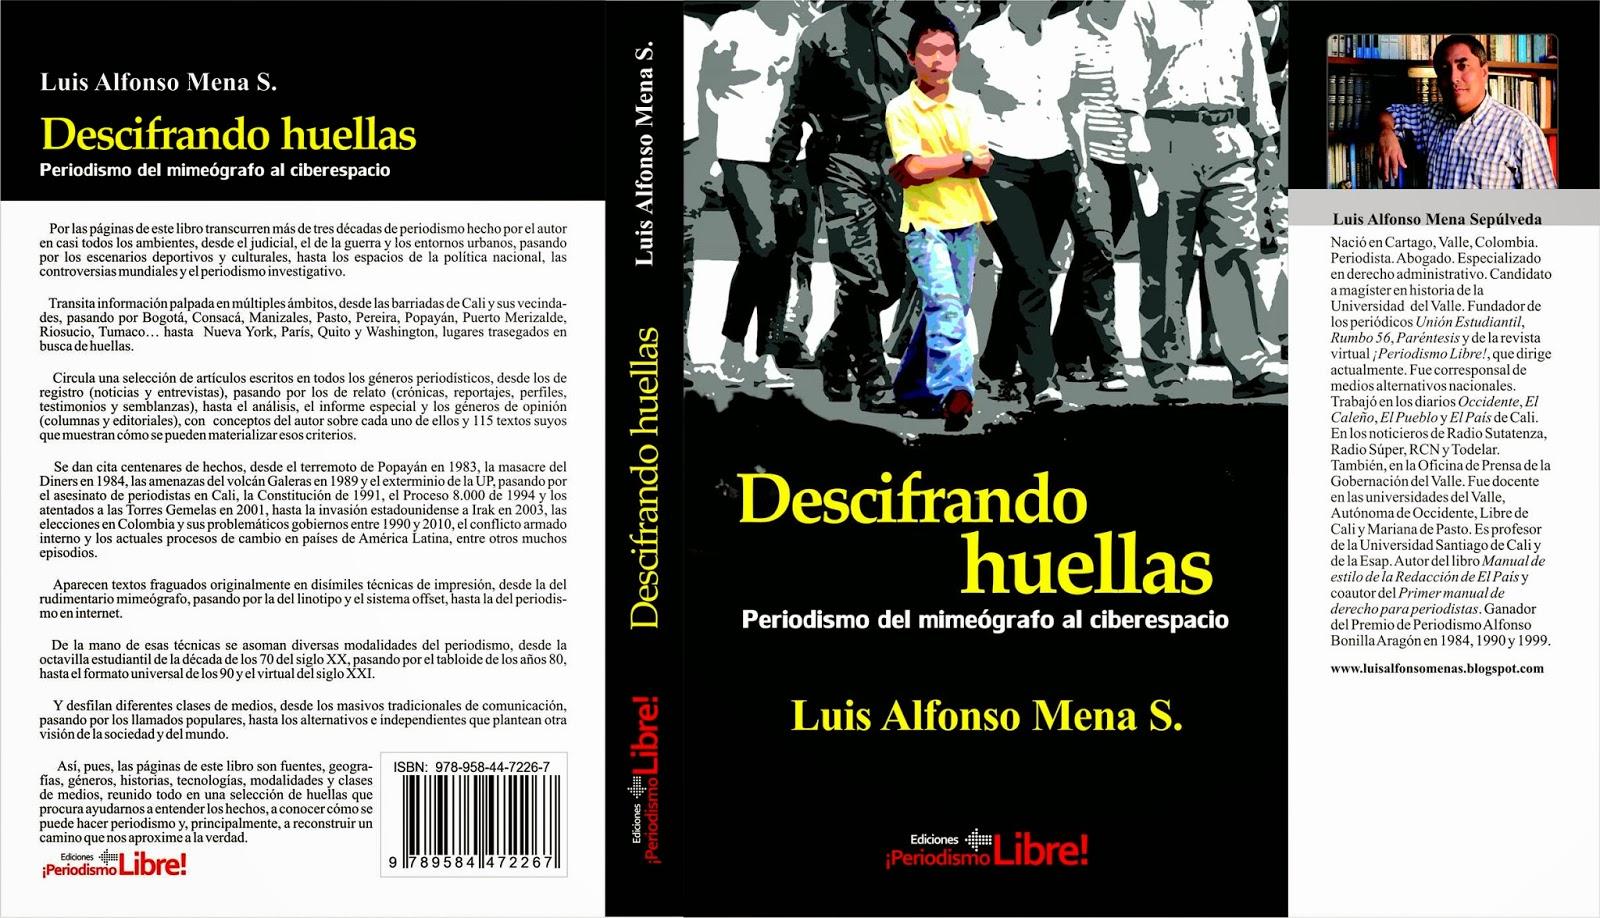 http://es.scribd.com/doc/208726791/Decifrando-huellas-Periodismo-del-mimografo-al-ciberespacio